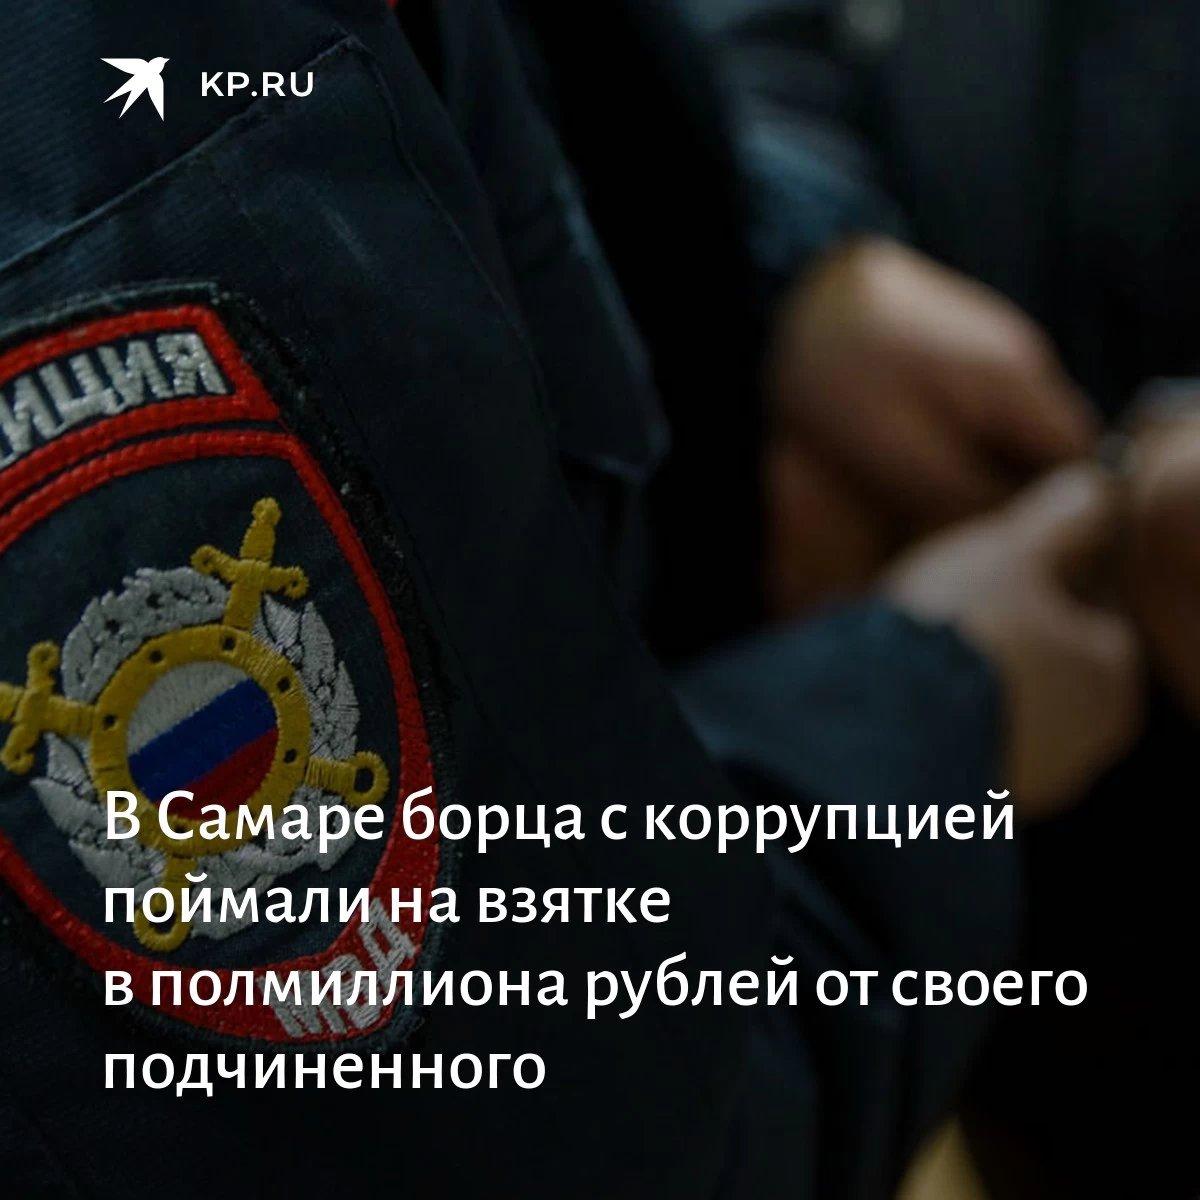 фото символики борцов с коррупцией может быть элегантным